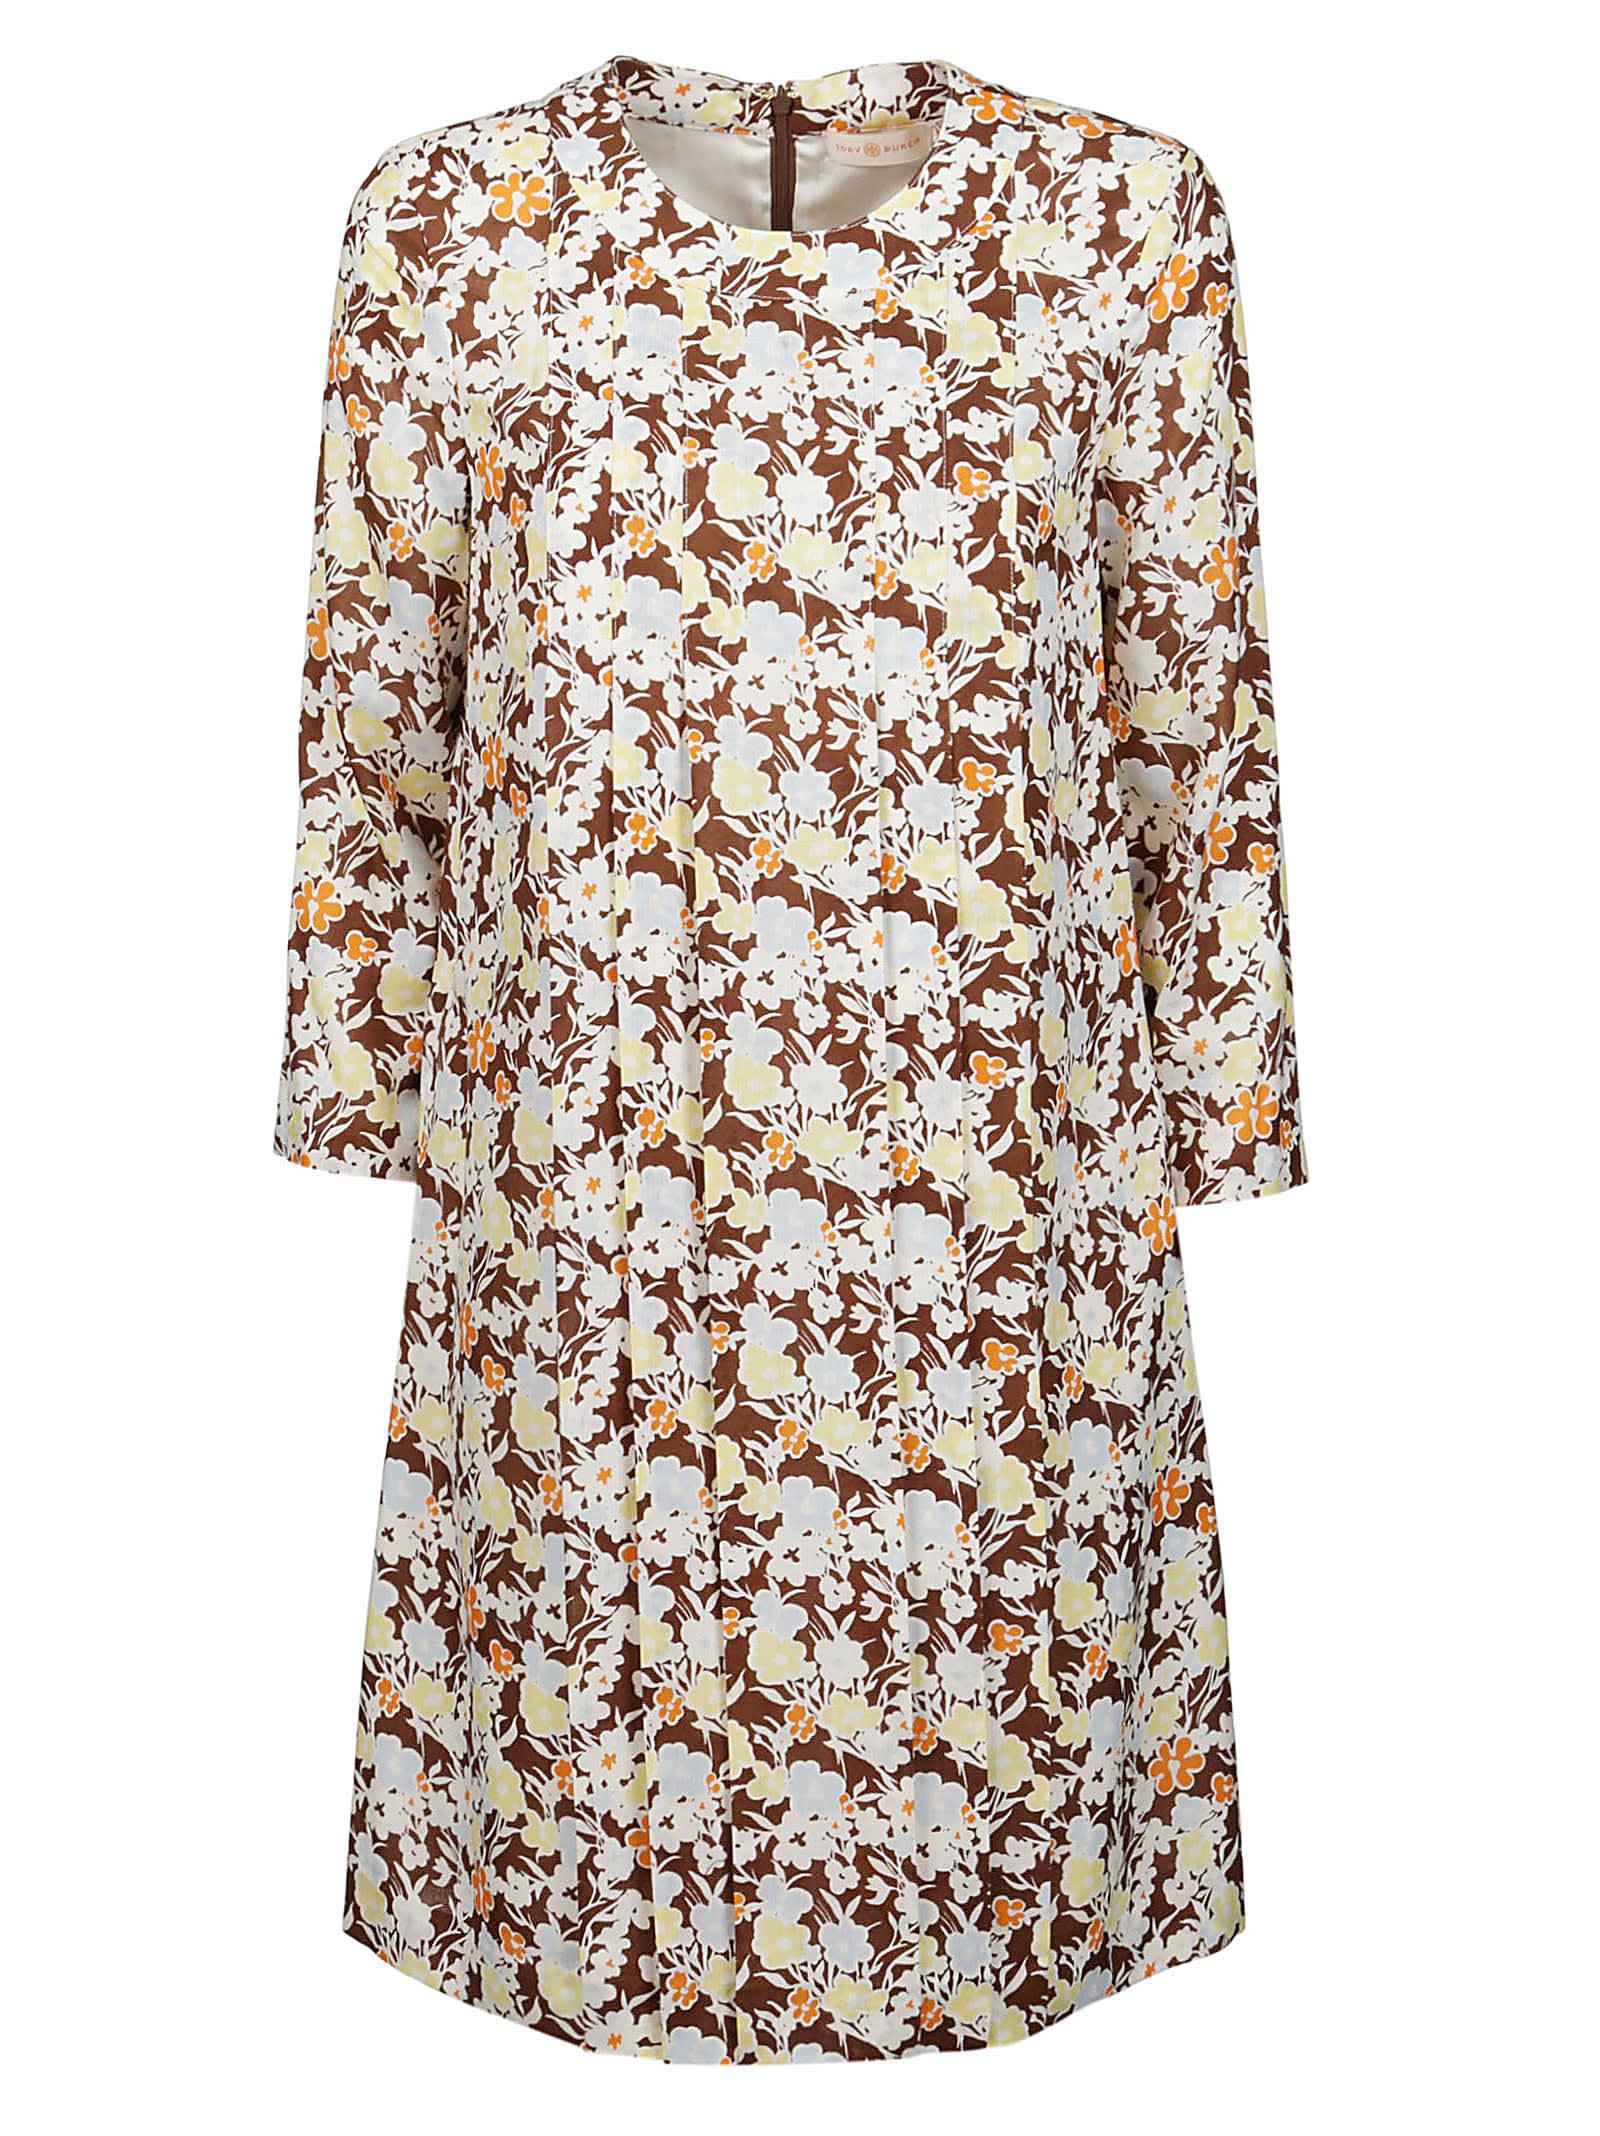 Tory Burch Dress Short Challis